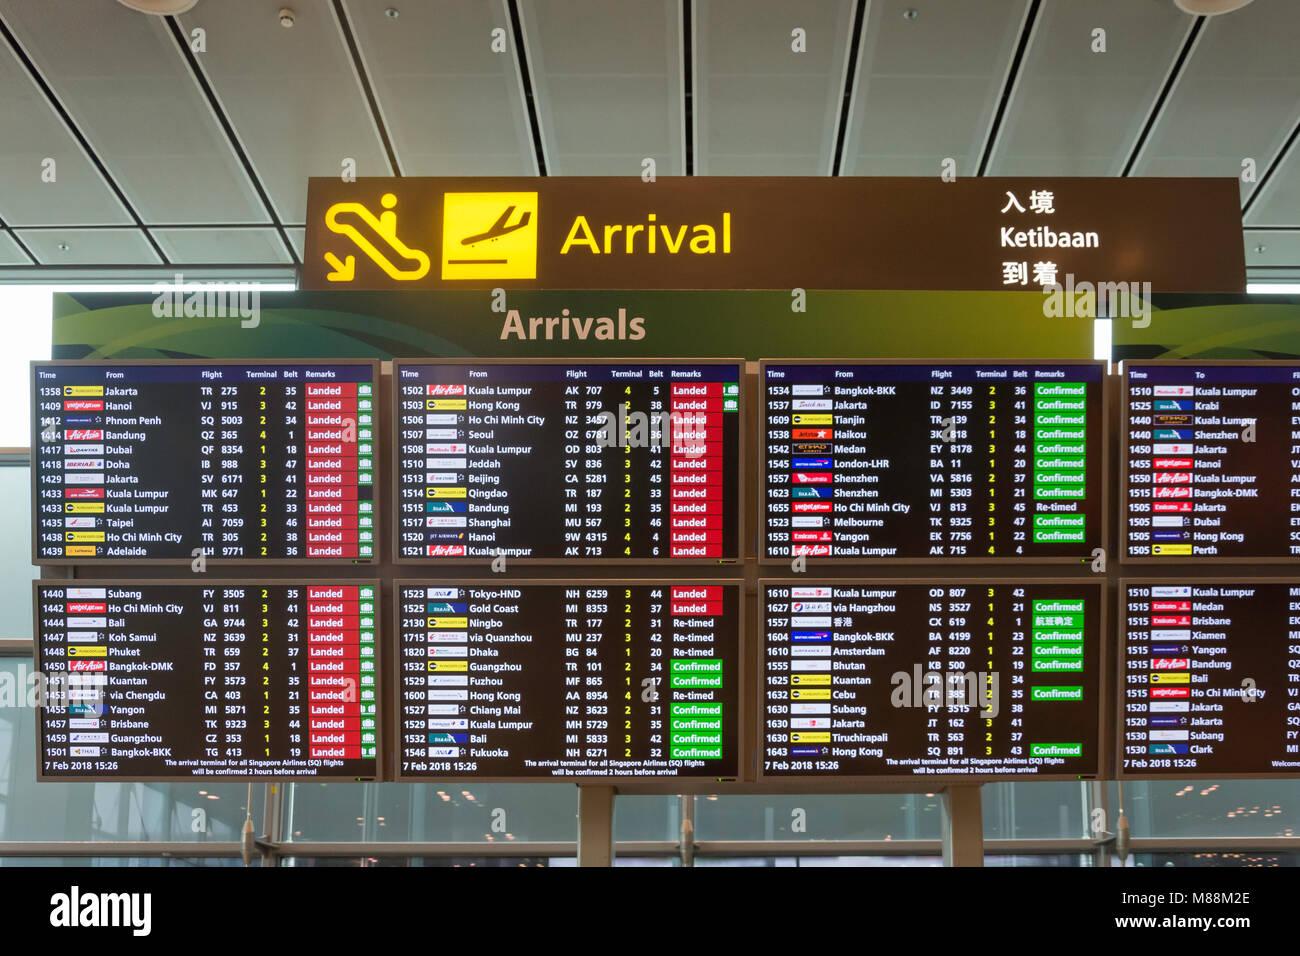 Elektronische Anzeige in der Ankunftshalle im Terminal 2, Flughafen Singapur Changi, Changi, Insel Singapur, Singapur Stockbild